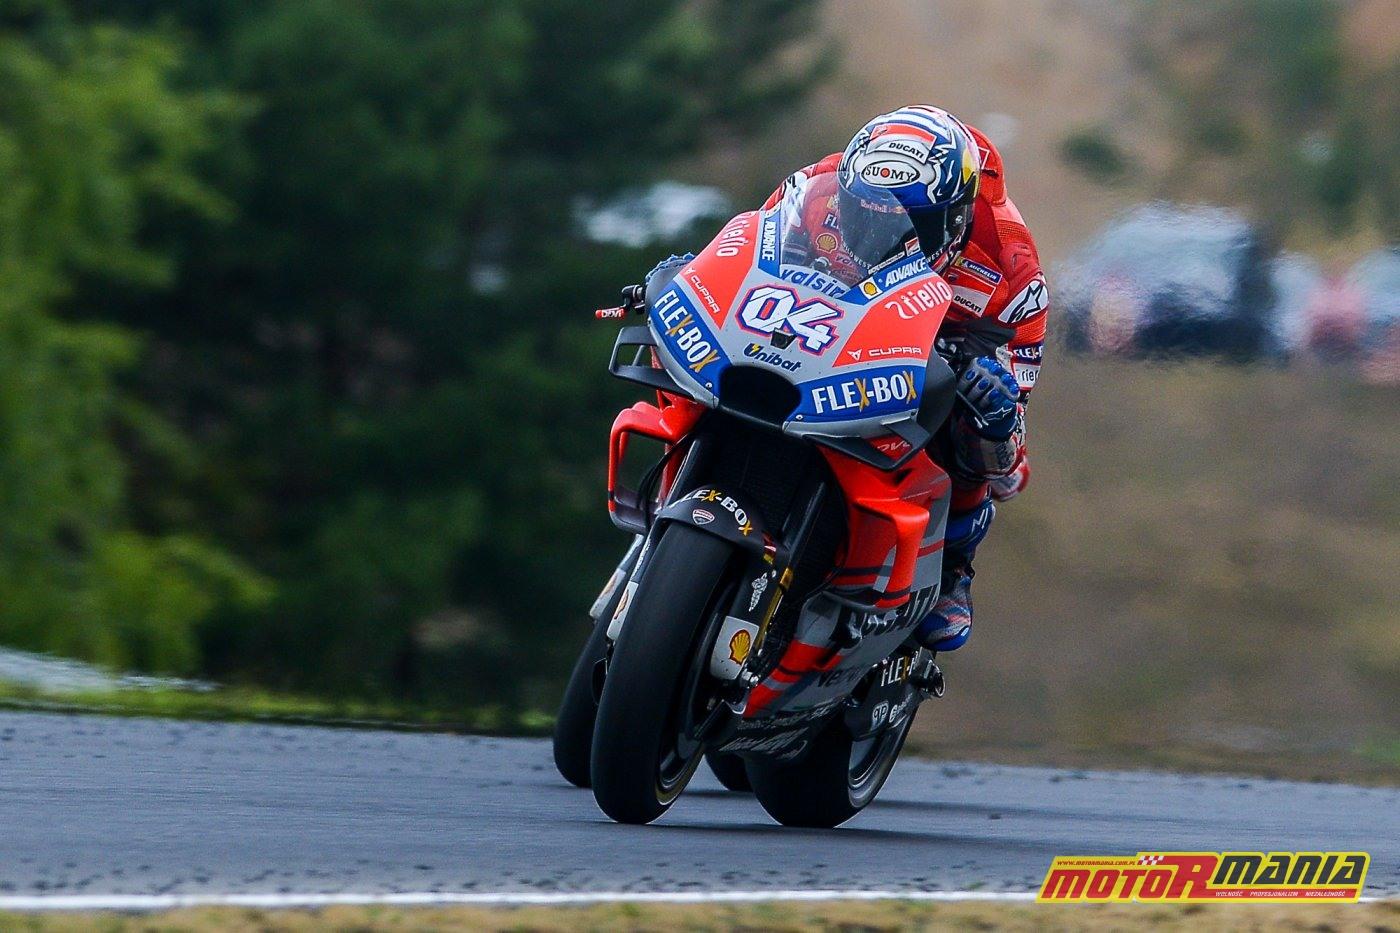 Wyścig MotoGP Brno 2018 - fot Waldek Walerczuk (64)